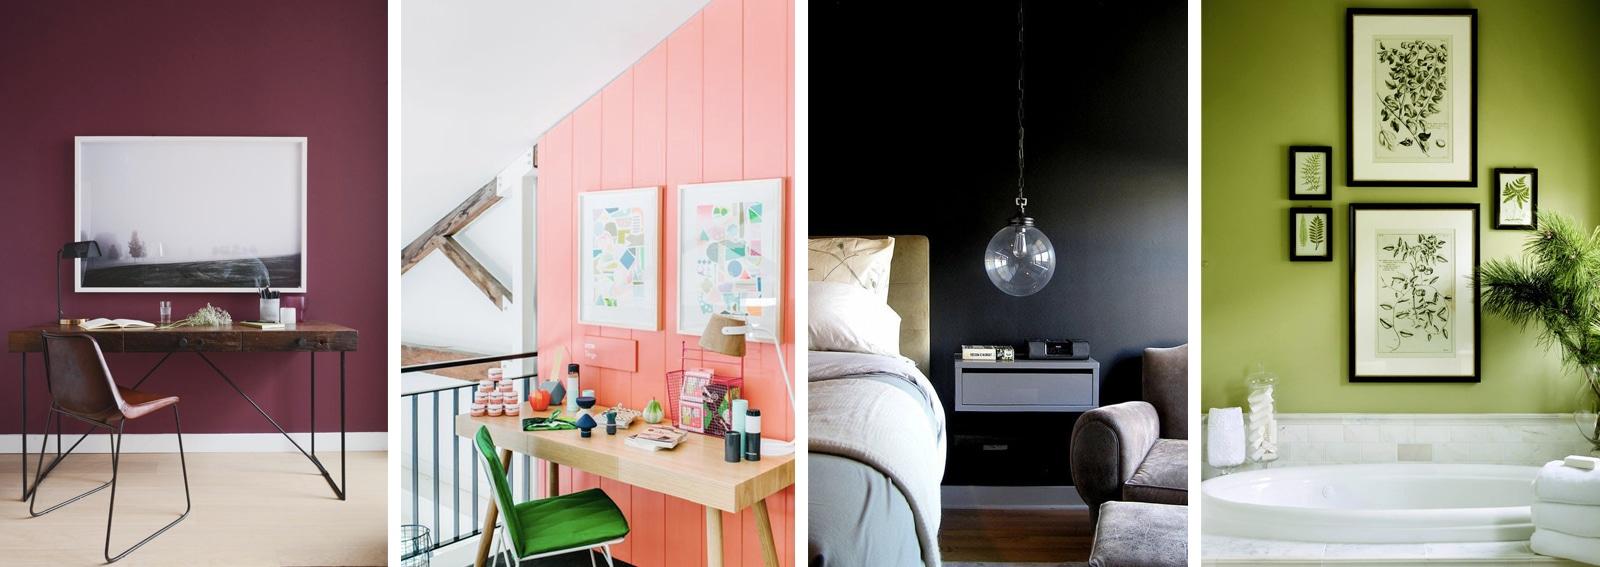 Guida colore 2018 7 colori per dipingere le pareti di casa - Colori delle pareti di casa ...